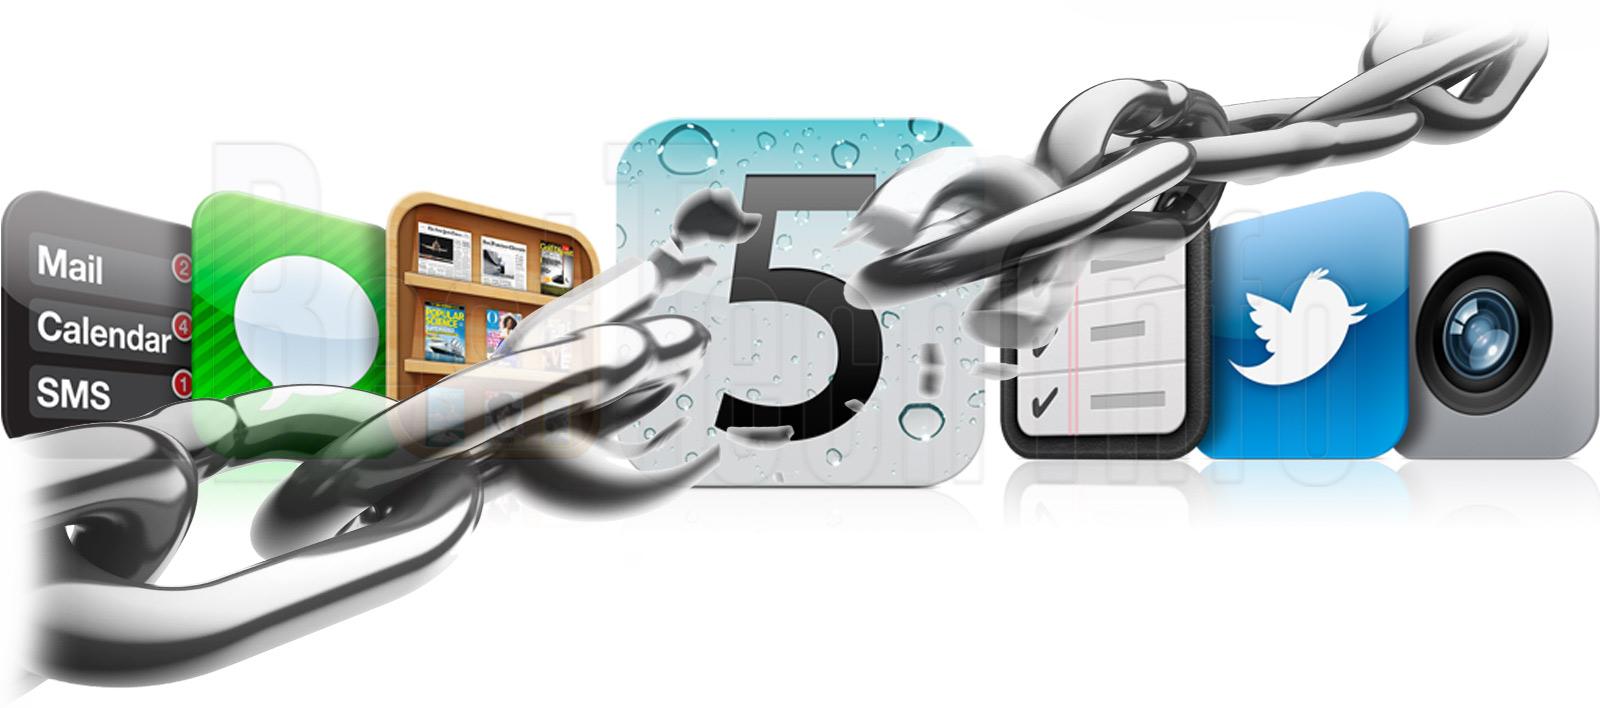 5 باگ بزرگی که تاکنون گریبانگیر سیستم عامل های اپل، Mac و iOS شده است